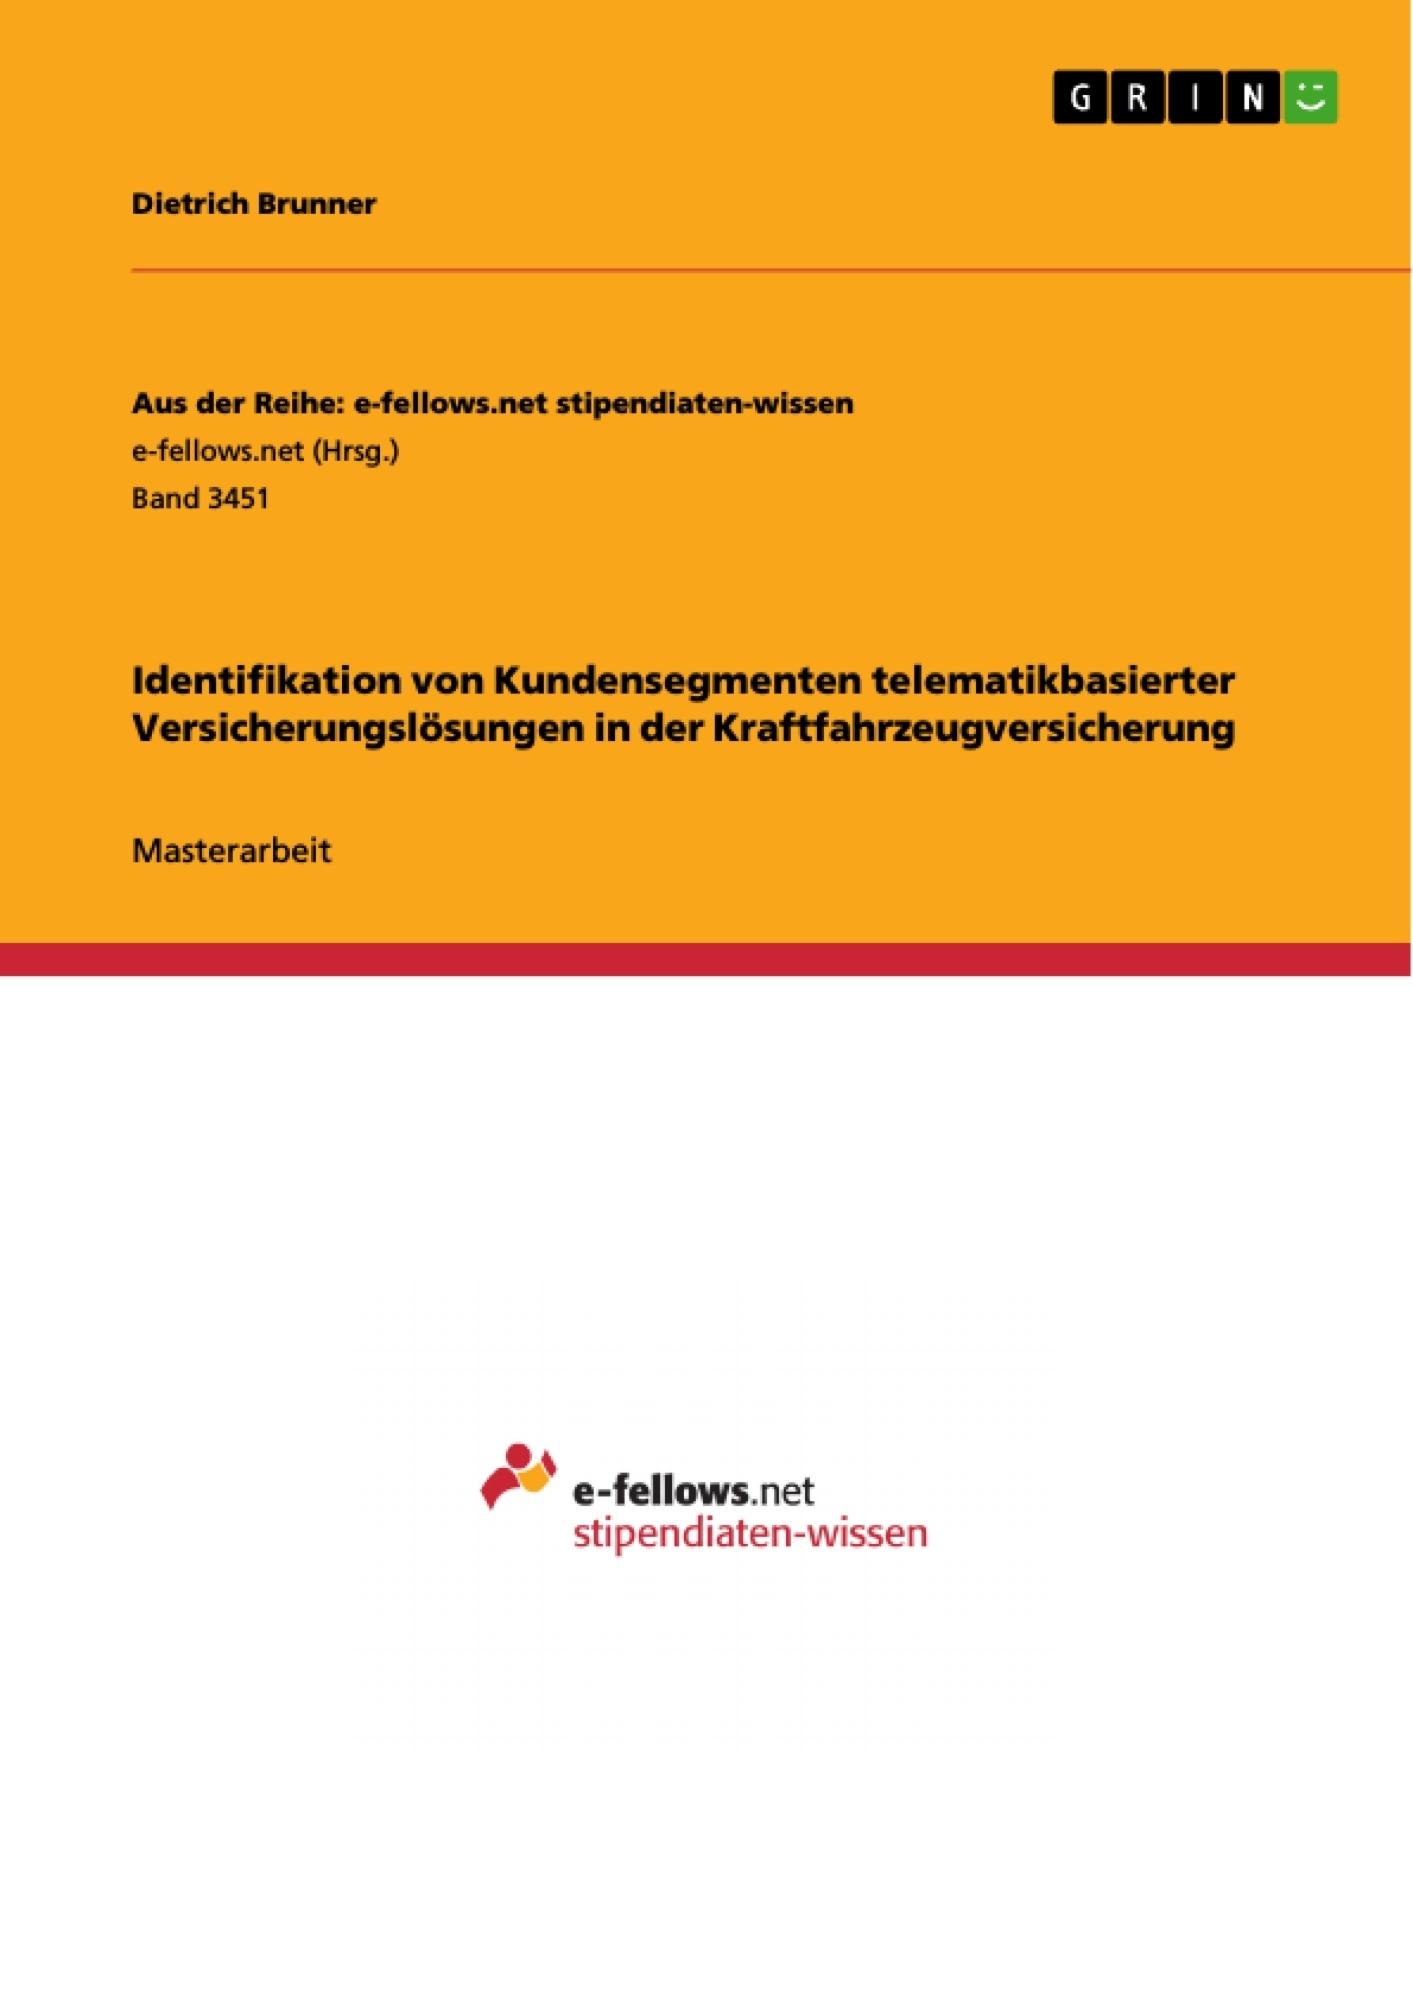 Titel: Identifikation von Kundensegmenten telematikbasierter Versicherungslösungen in der Kraftfahrzeugversicherung